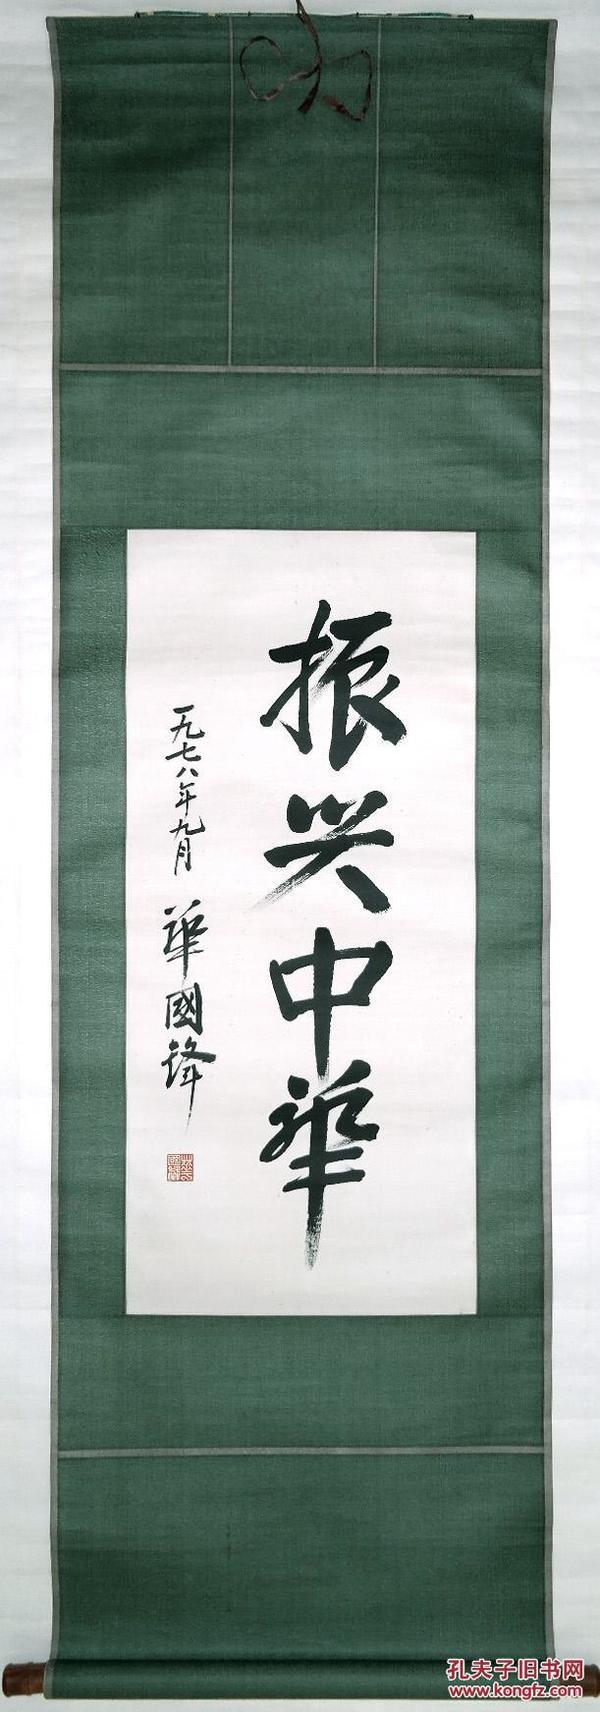 ���介����1978骞村����姣�绗�妤蜂功涔�娉�����缁��ц1绔�杞粹����杩��颁唬��浜轰功娉�澧ㄥ����